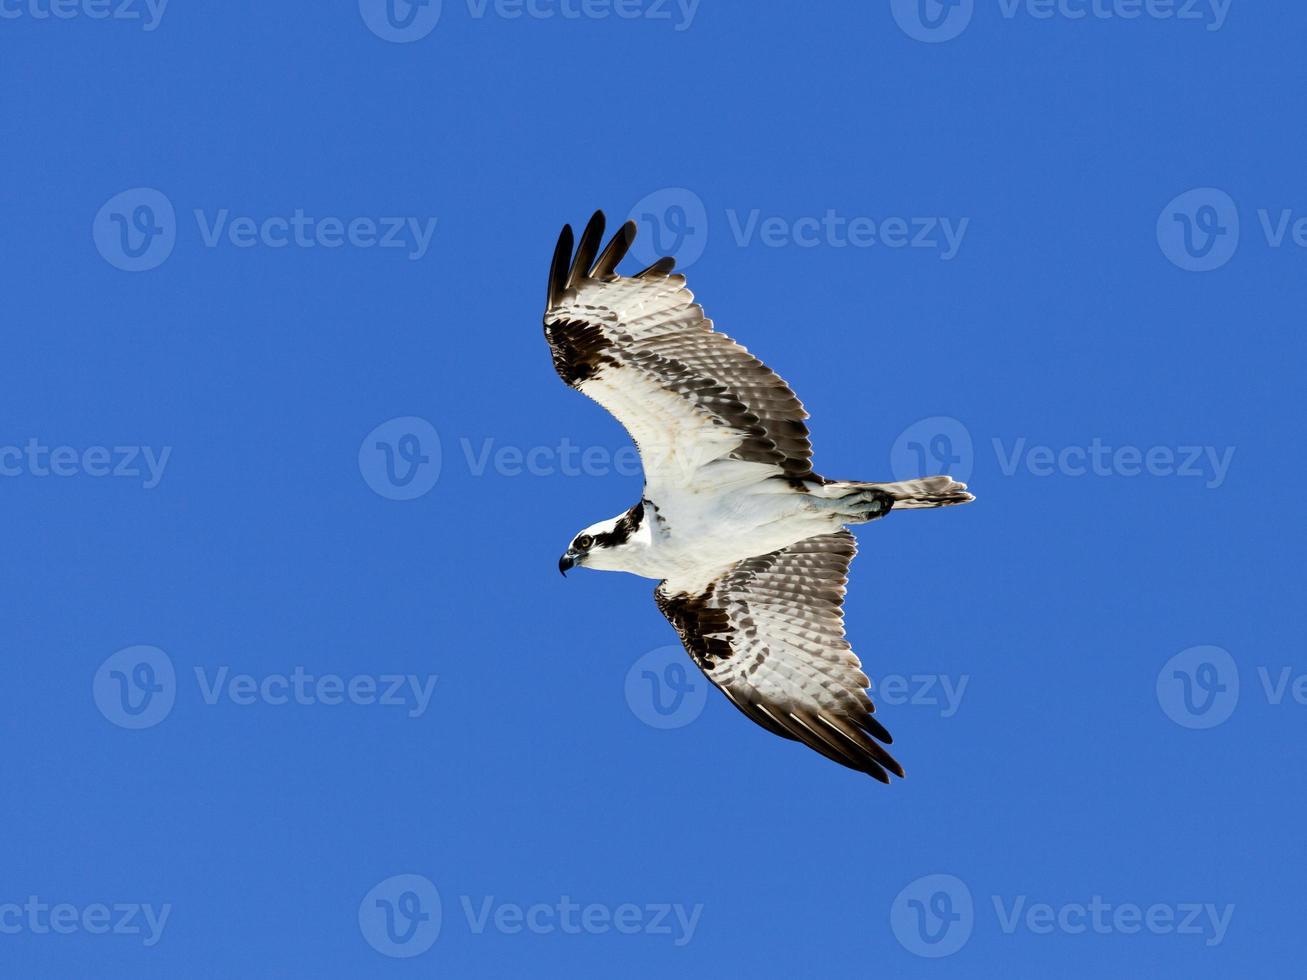 Águia-pescadora (falcão do mar) em voo contra o céu azul foto